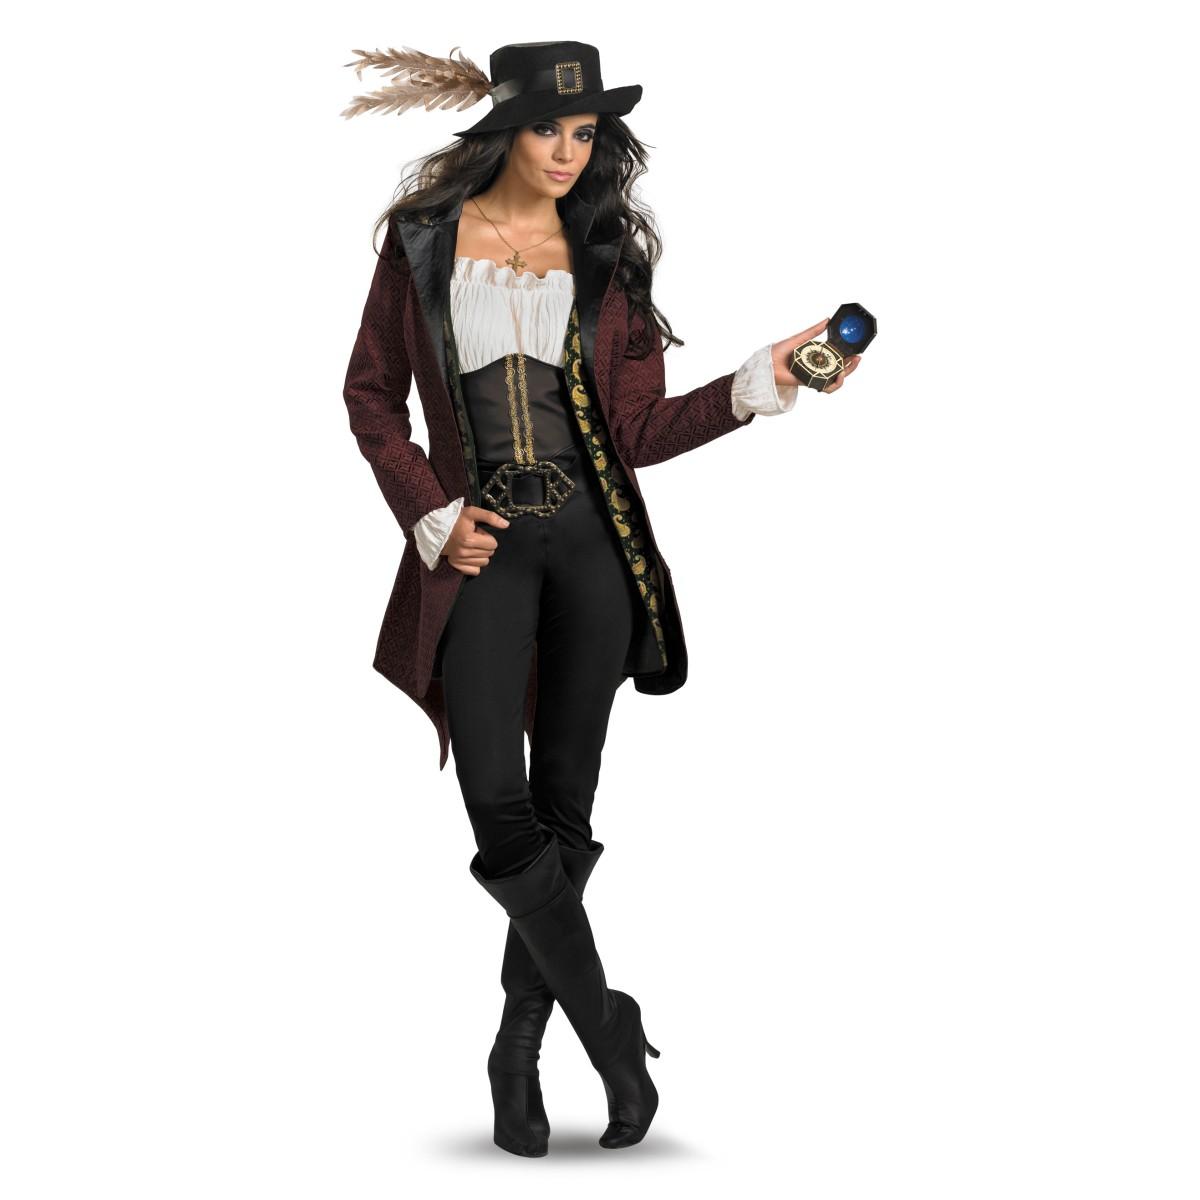 パイレーツ・オブ・カリビアン 生命の泉 コスプレ アンジェリカ コスチューム 衣装 大人 女性 仮装 ディズニー ハロウィン 仮装 海賊 レディース